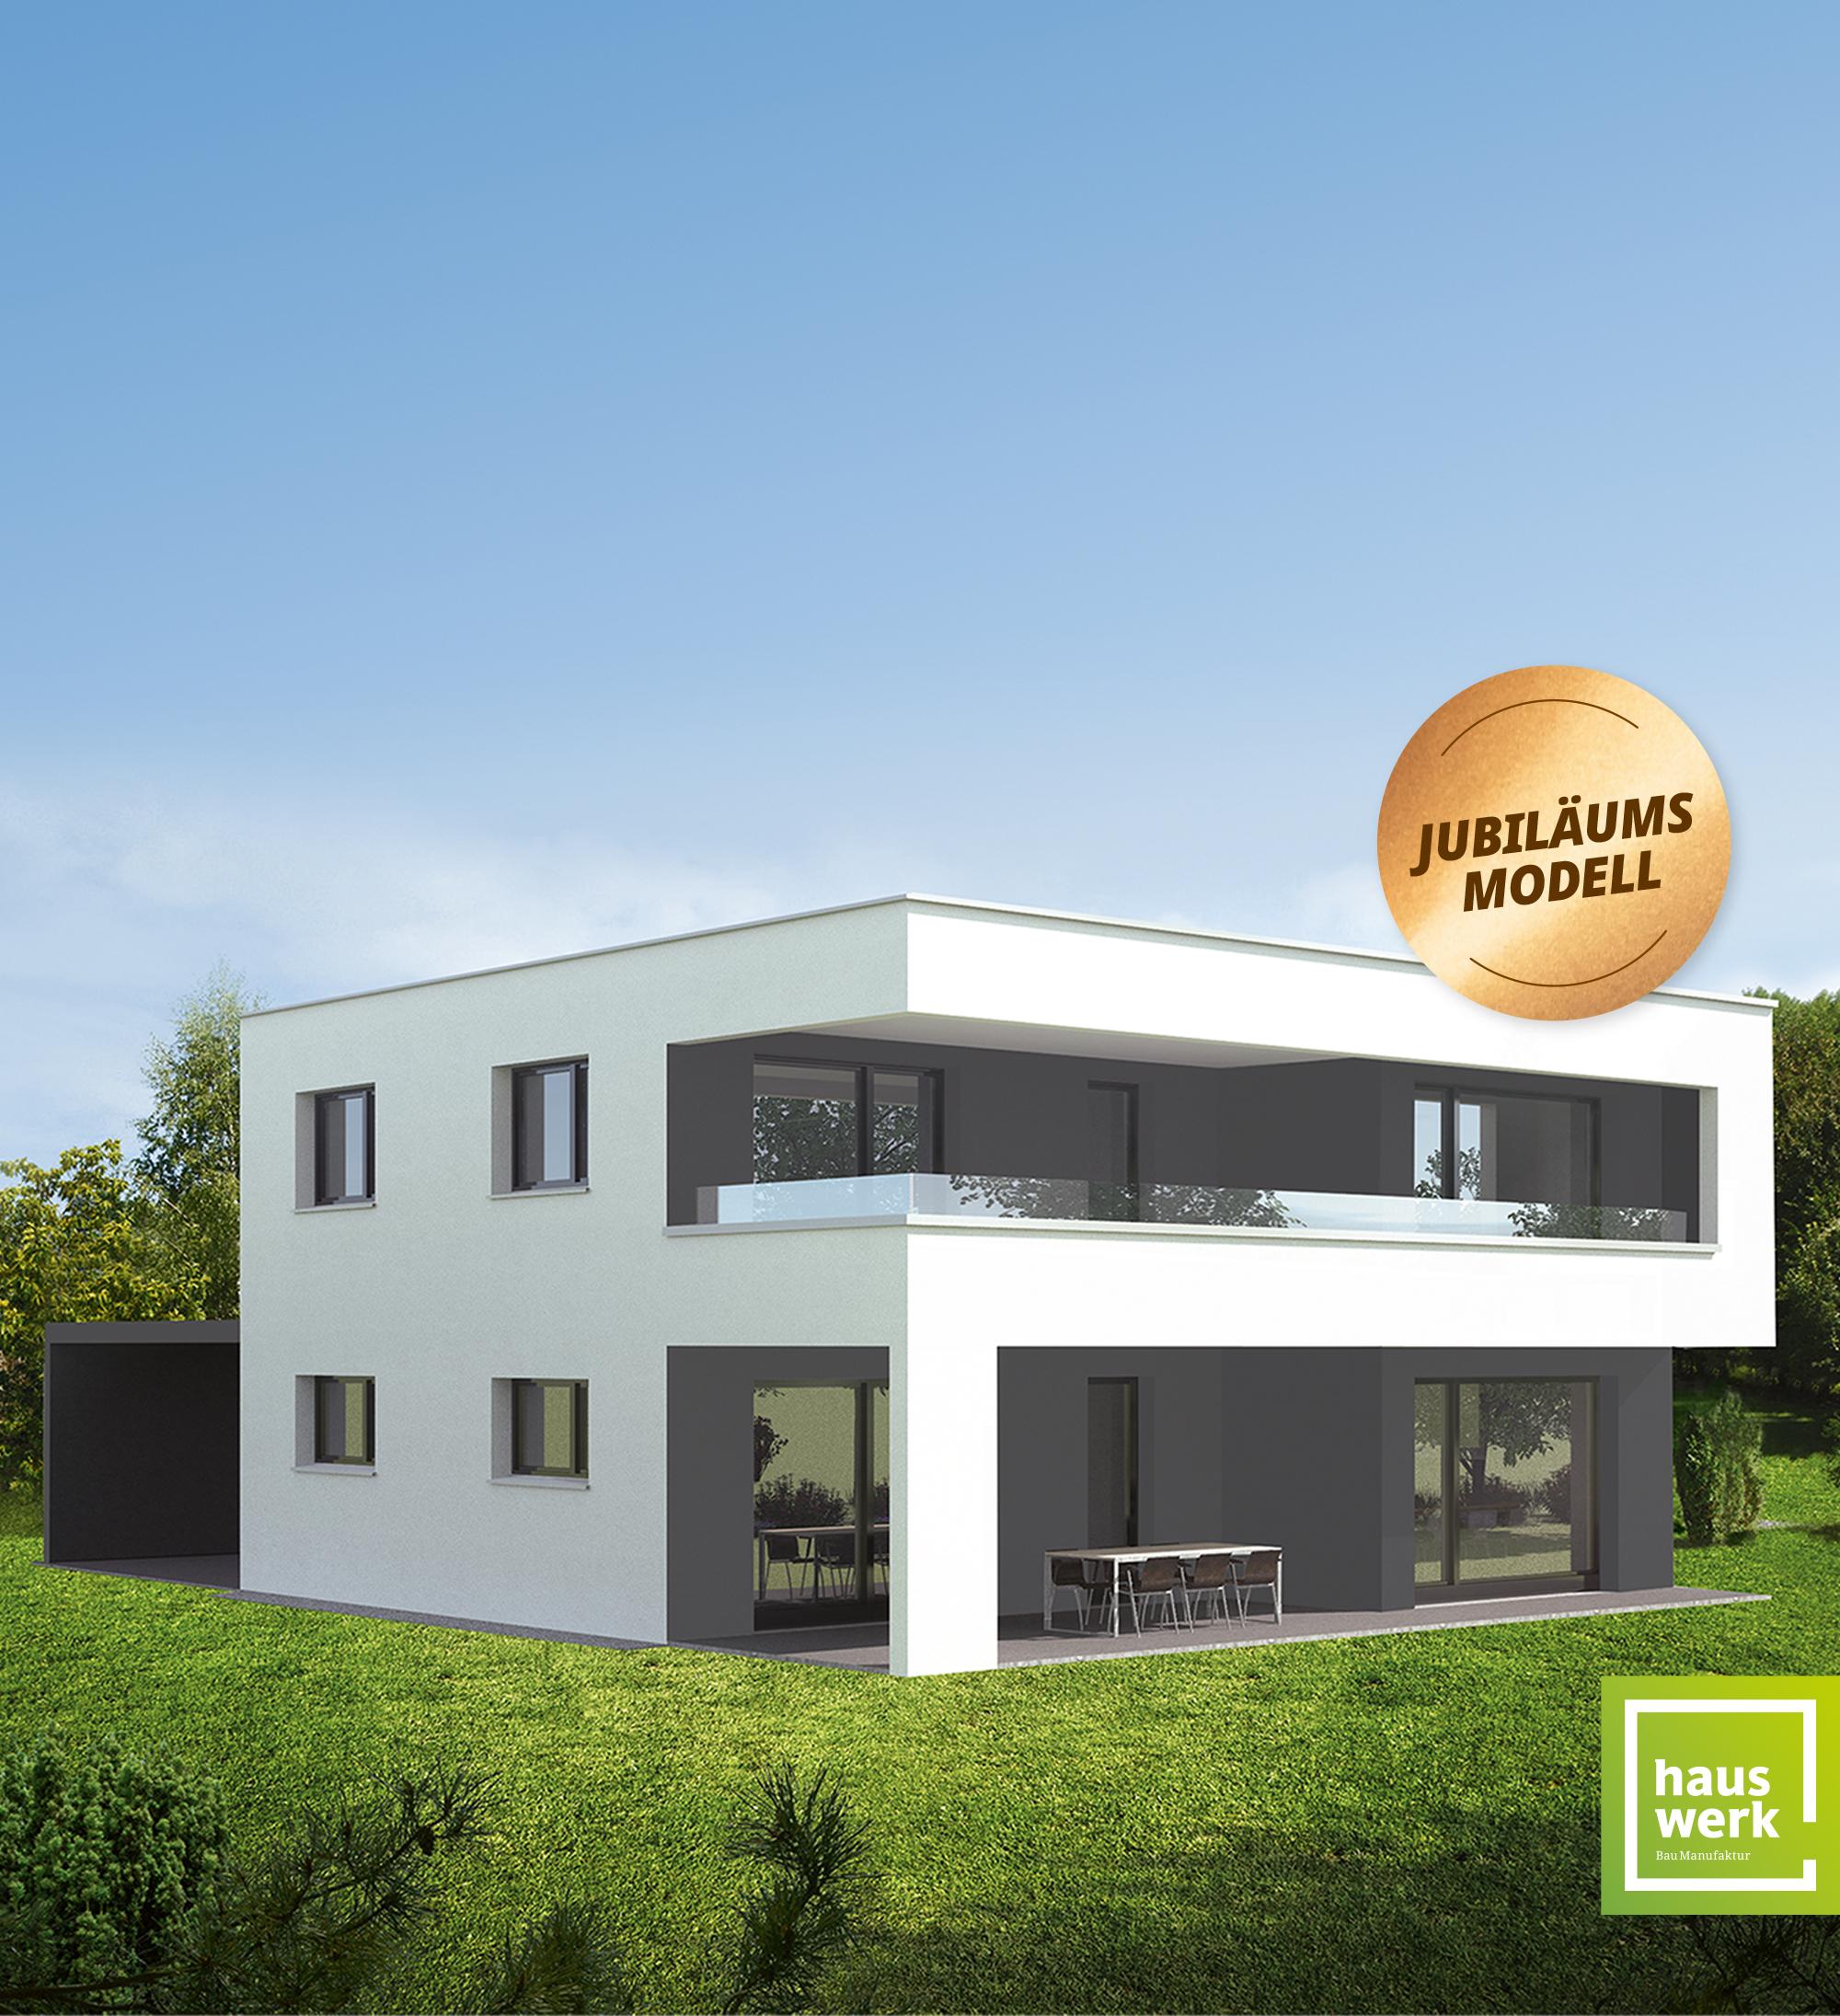 Jubilaeumsmodell_Hauswerk_500Hauser_2000x2191